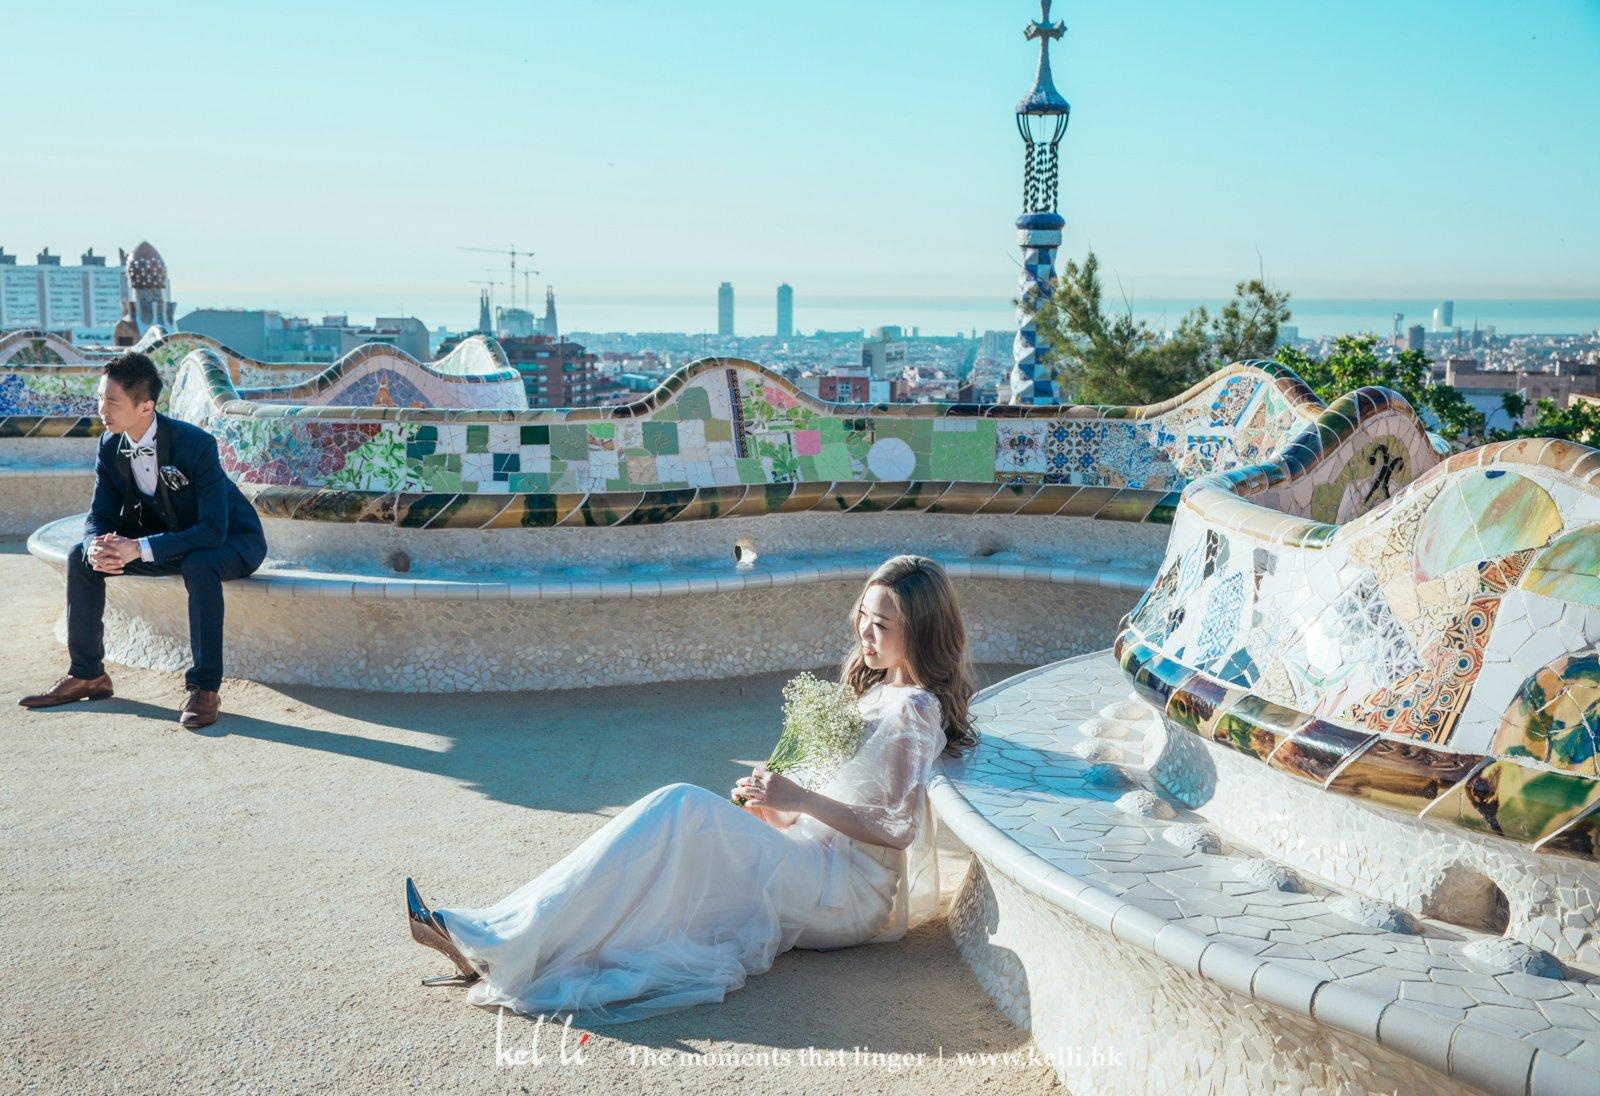 用大量馬賽克推砌而成的奎爾公園,是拍攝婚紗的地標之一